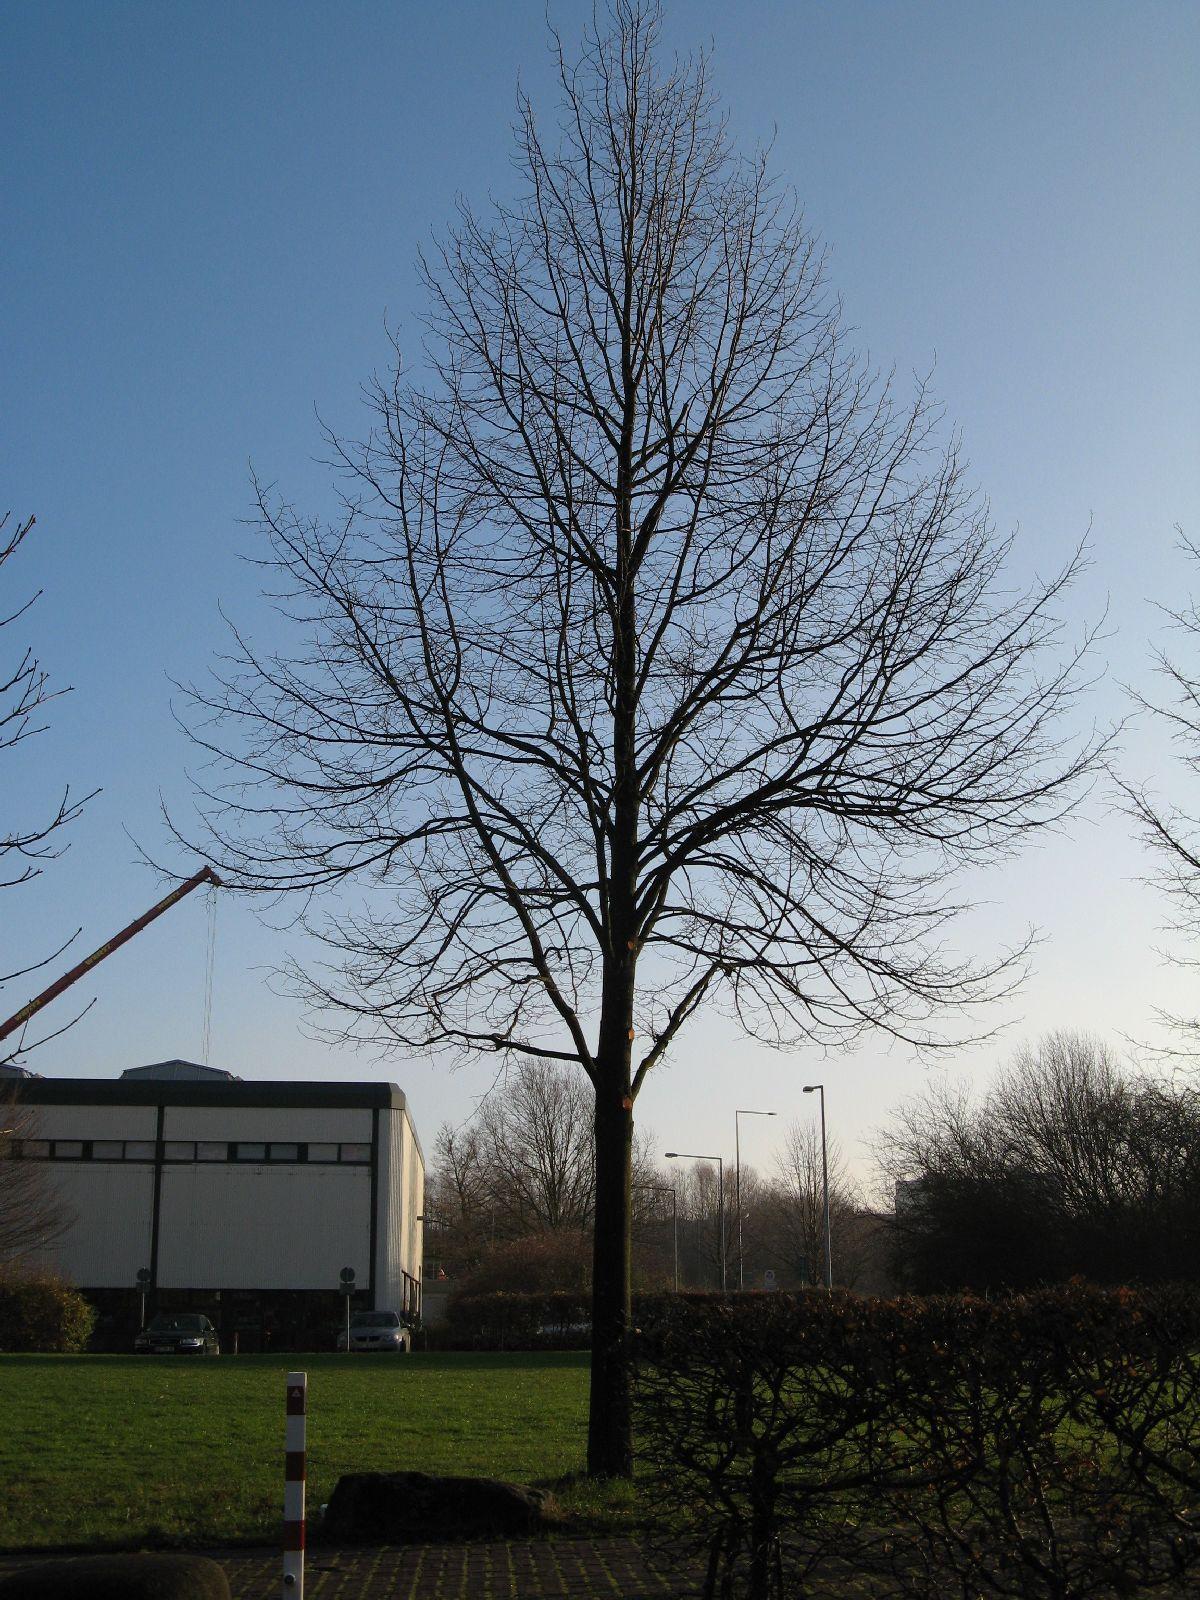 Pflanzen-Baum-Silhouette-Foto_Textur_B_12150